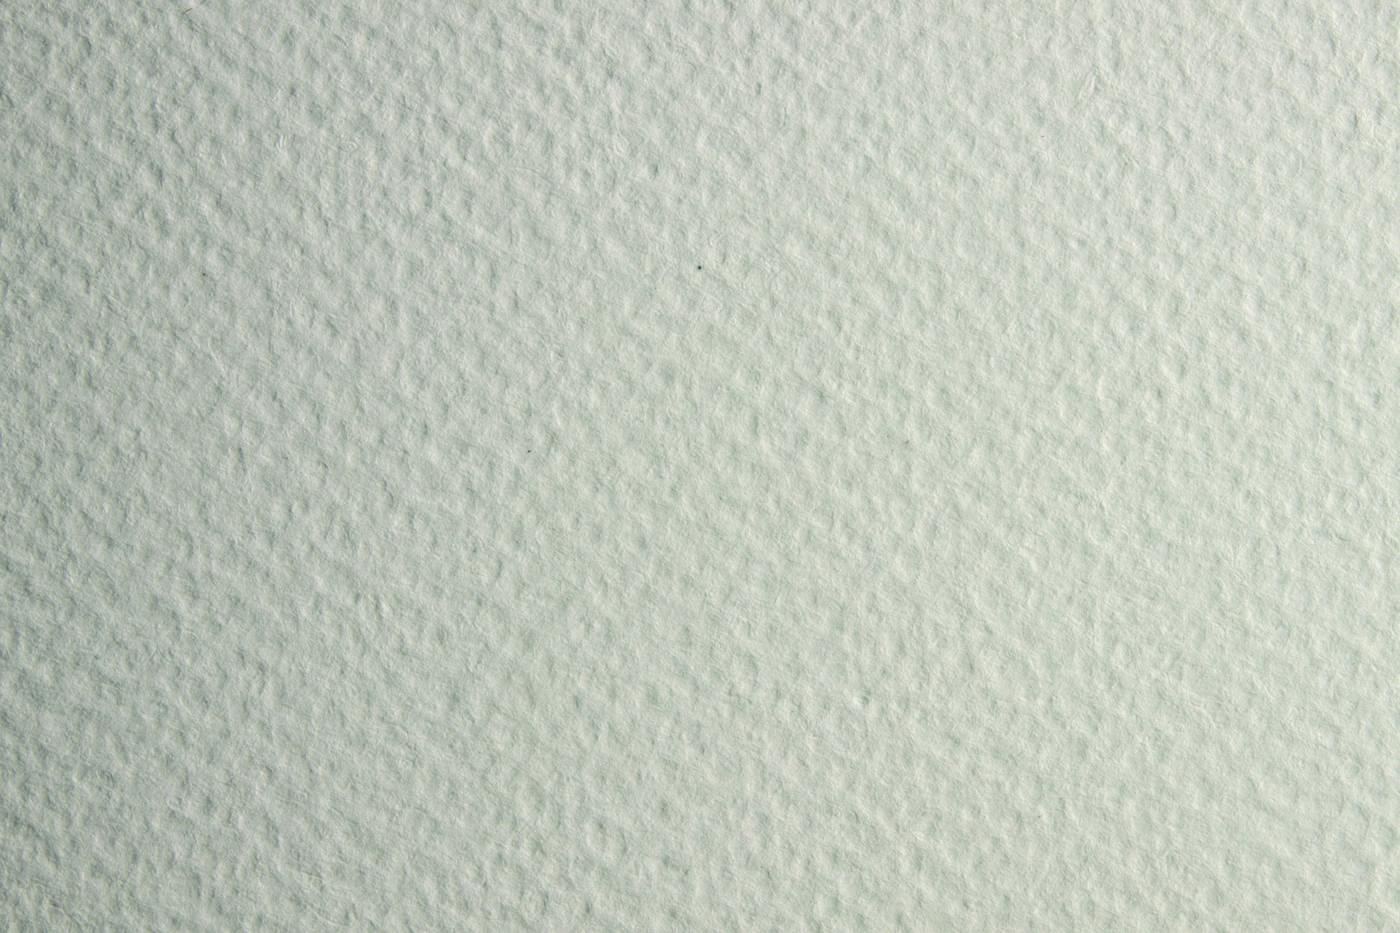 Бумага для акварели FABRIANO Watercolour 25% хл 300гр, 50*70см, 1 лист